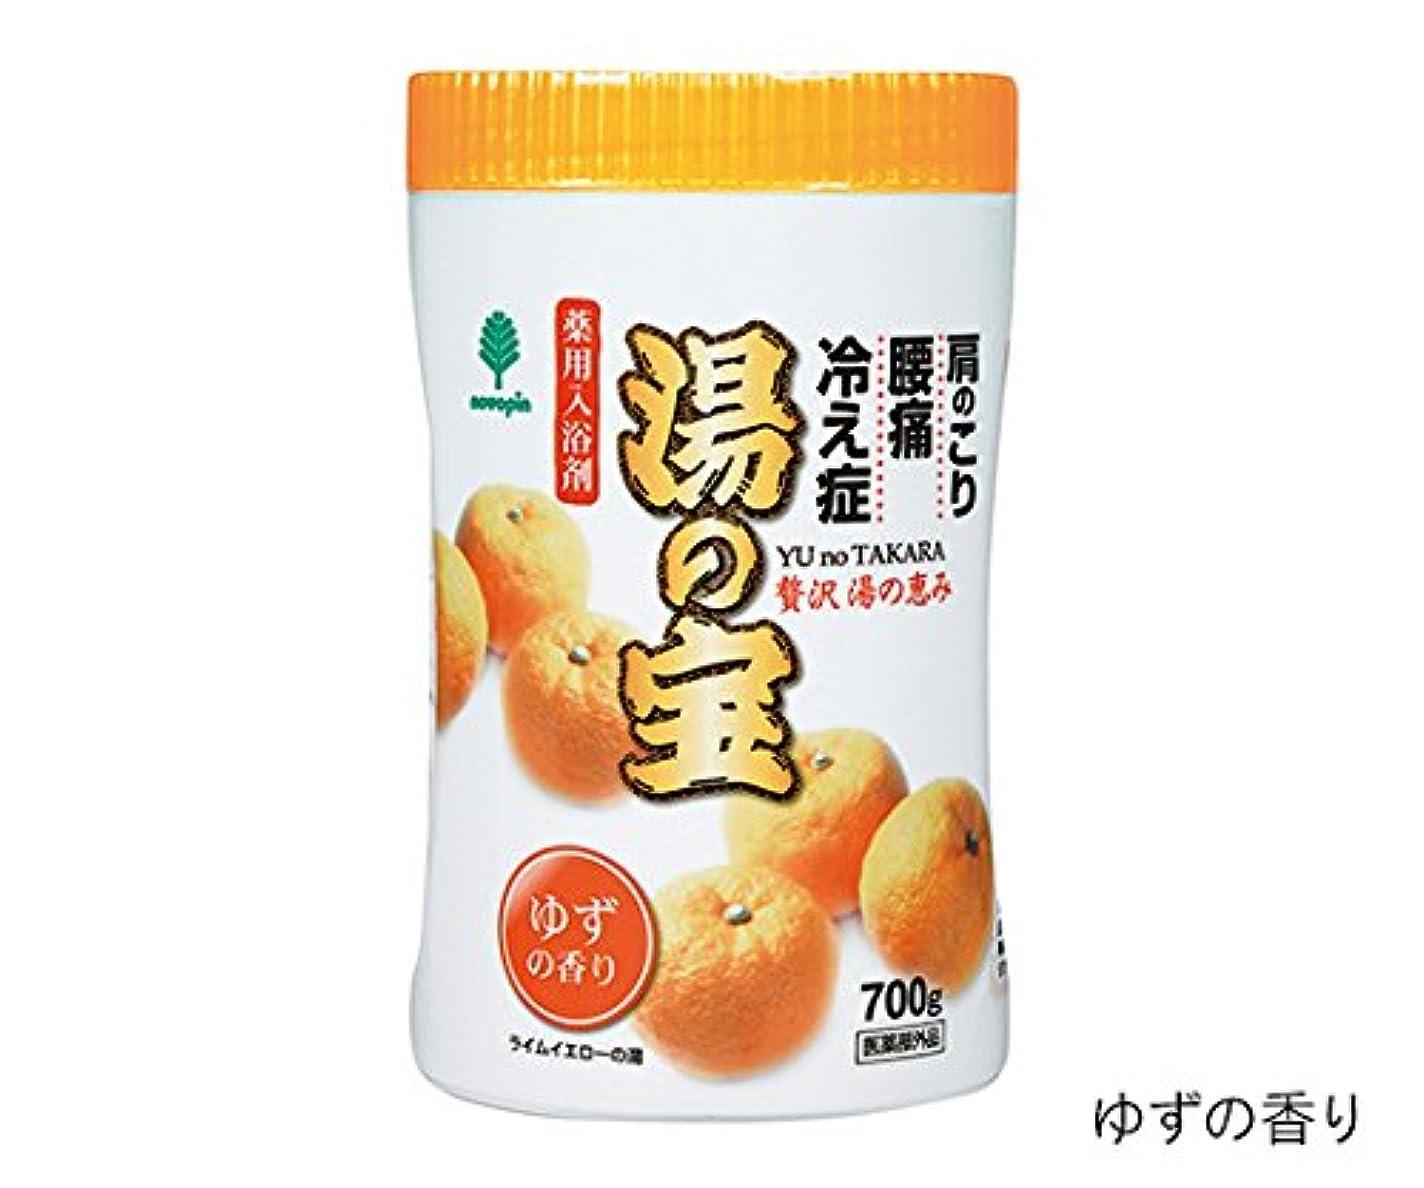 カウンタトレイルレタス紀陽除虫菊7-2542-02入浴剤(湯の宝)森林の香り700g